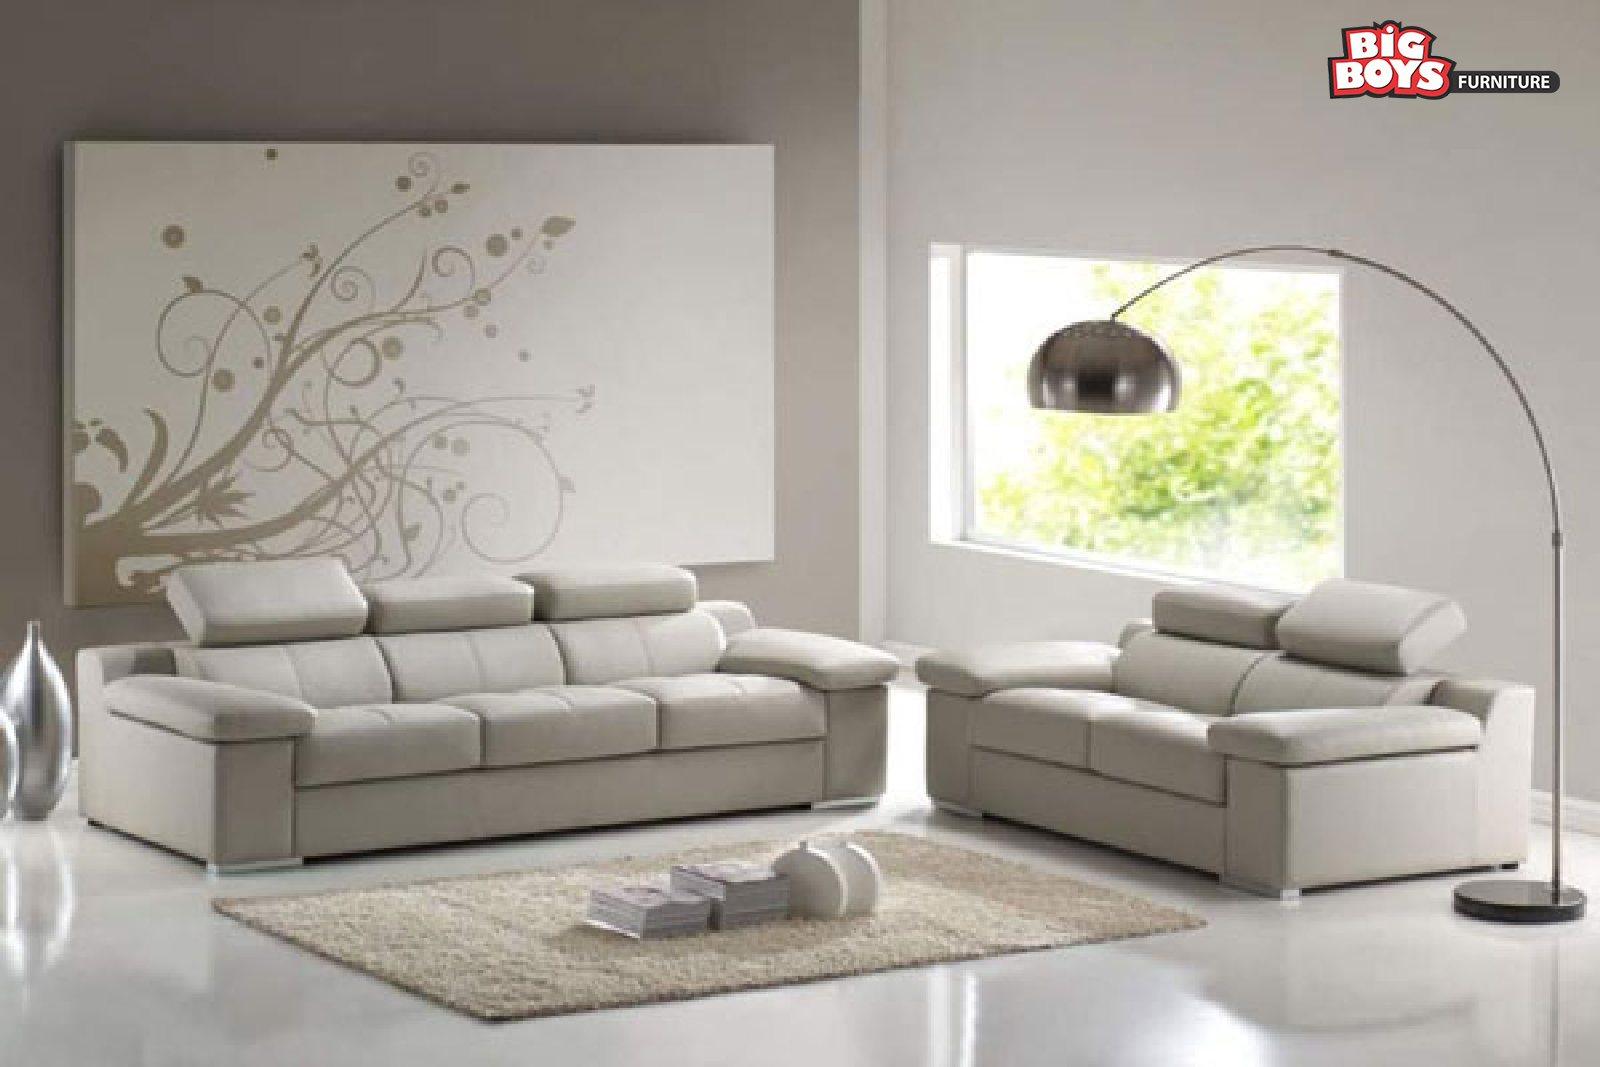 Sofa sets Big-Boys-Furniture-Delta-